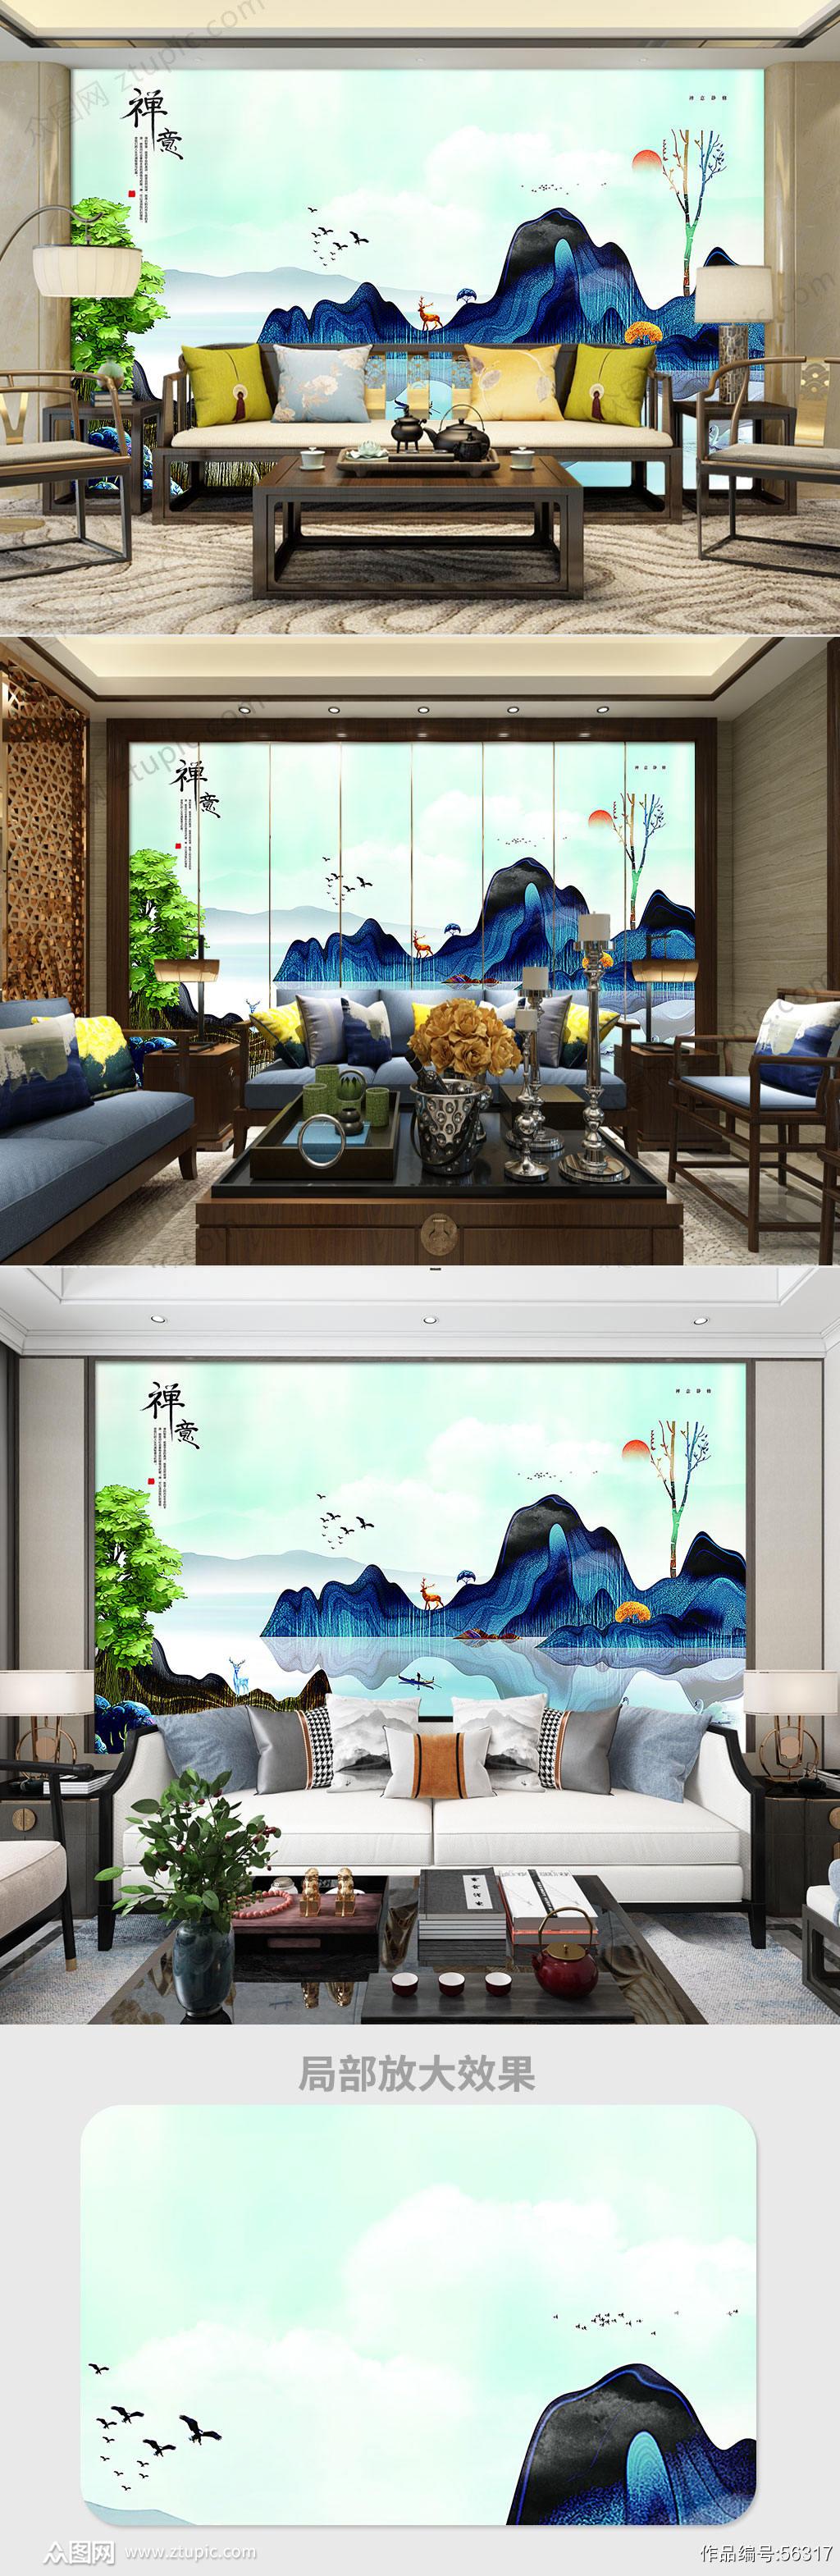 禅意山水电视背景墙素材